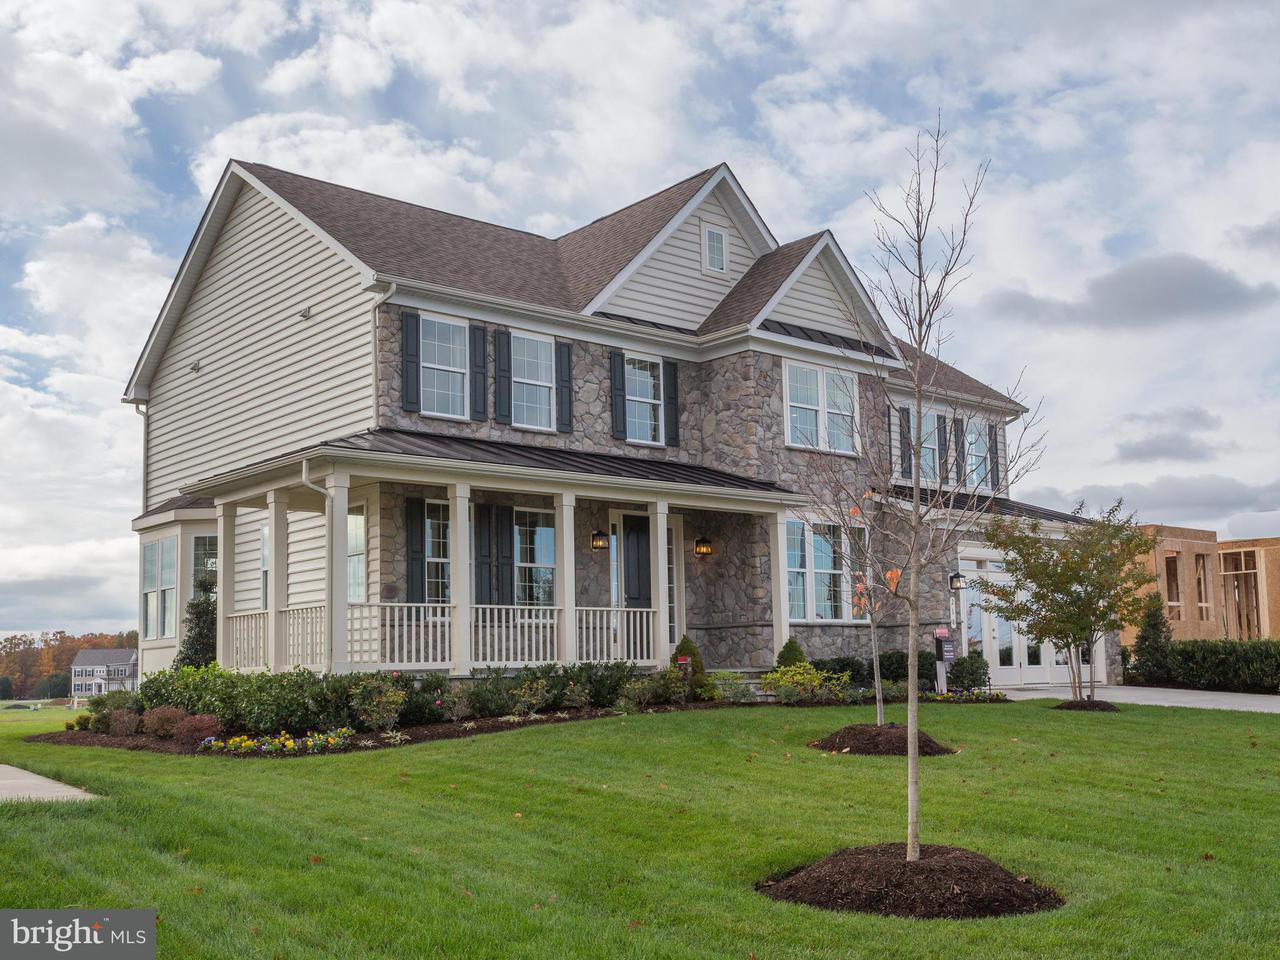 Частный односемейный дом для того Продажа на 218 BRIDGEWATER Drive 218 BRIDGEWATER Drive Stephens City, Виргиния 22655 Соединенные Штаты